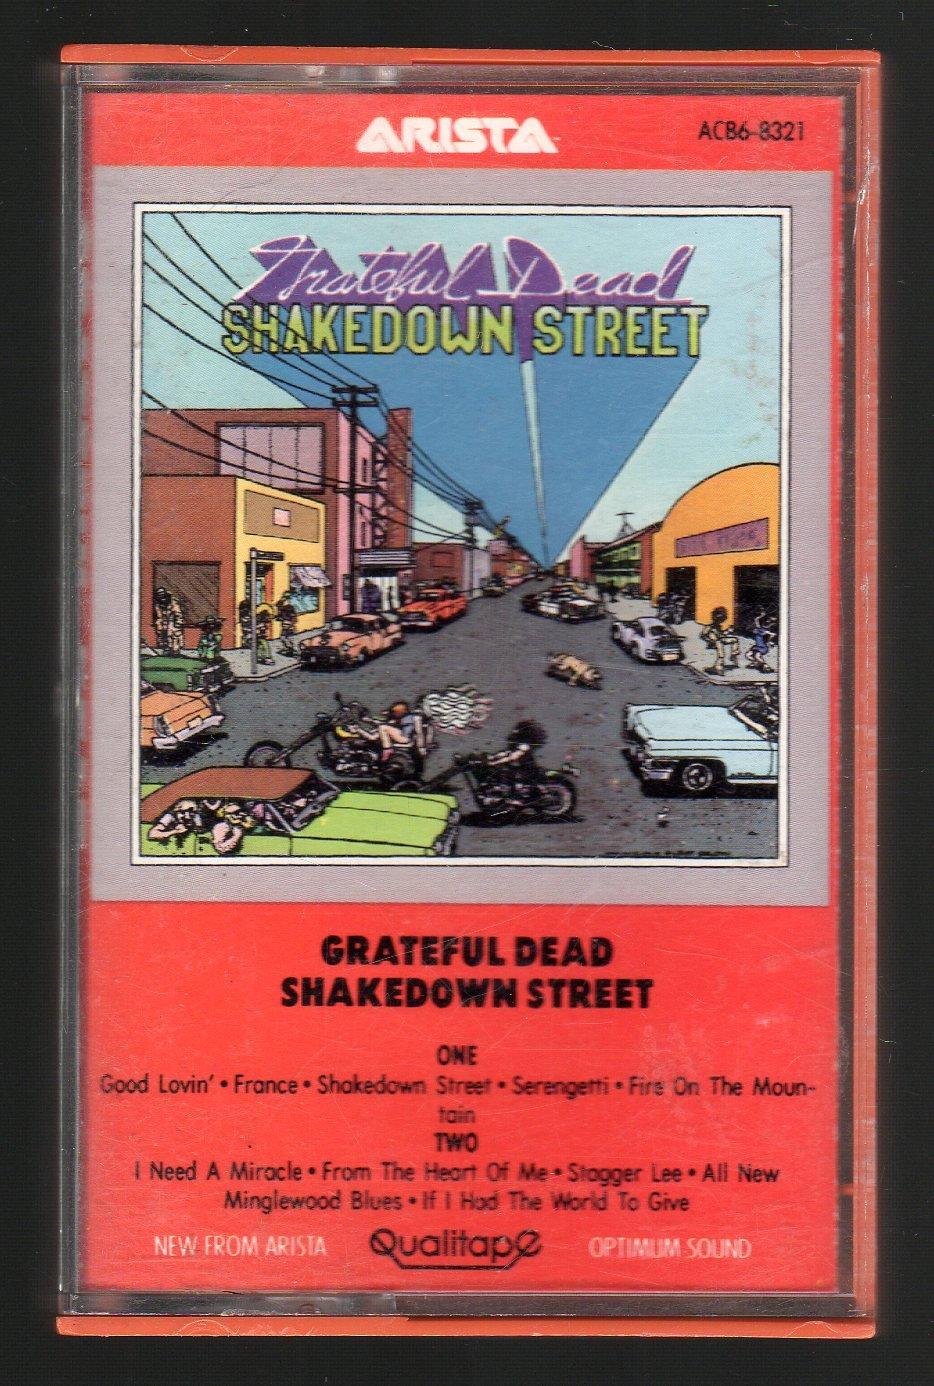 The Grateful Dead - Shakedown Street SOLD Cassette Tape